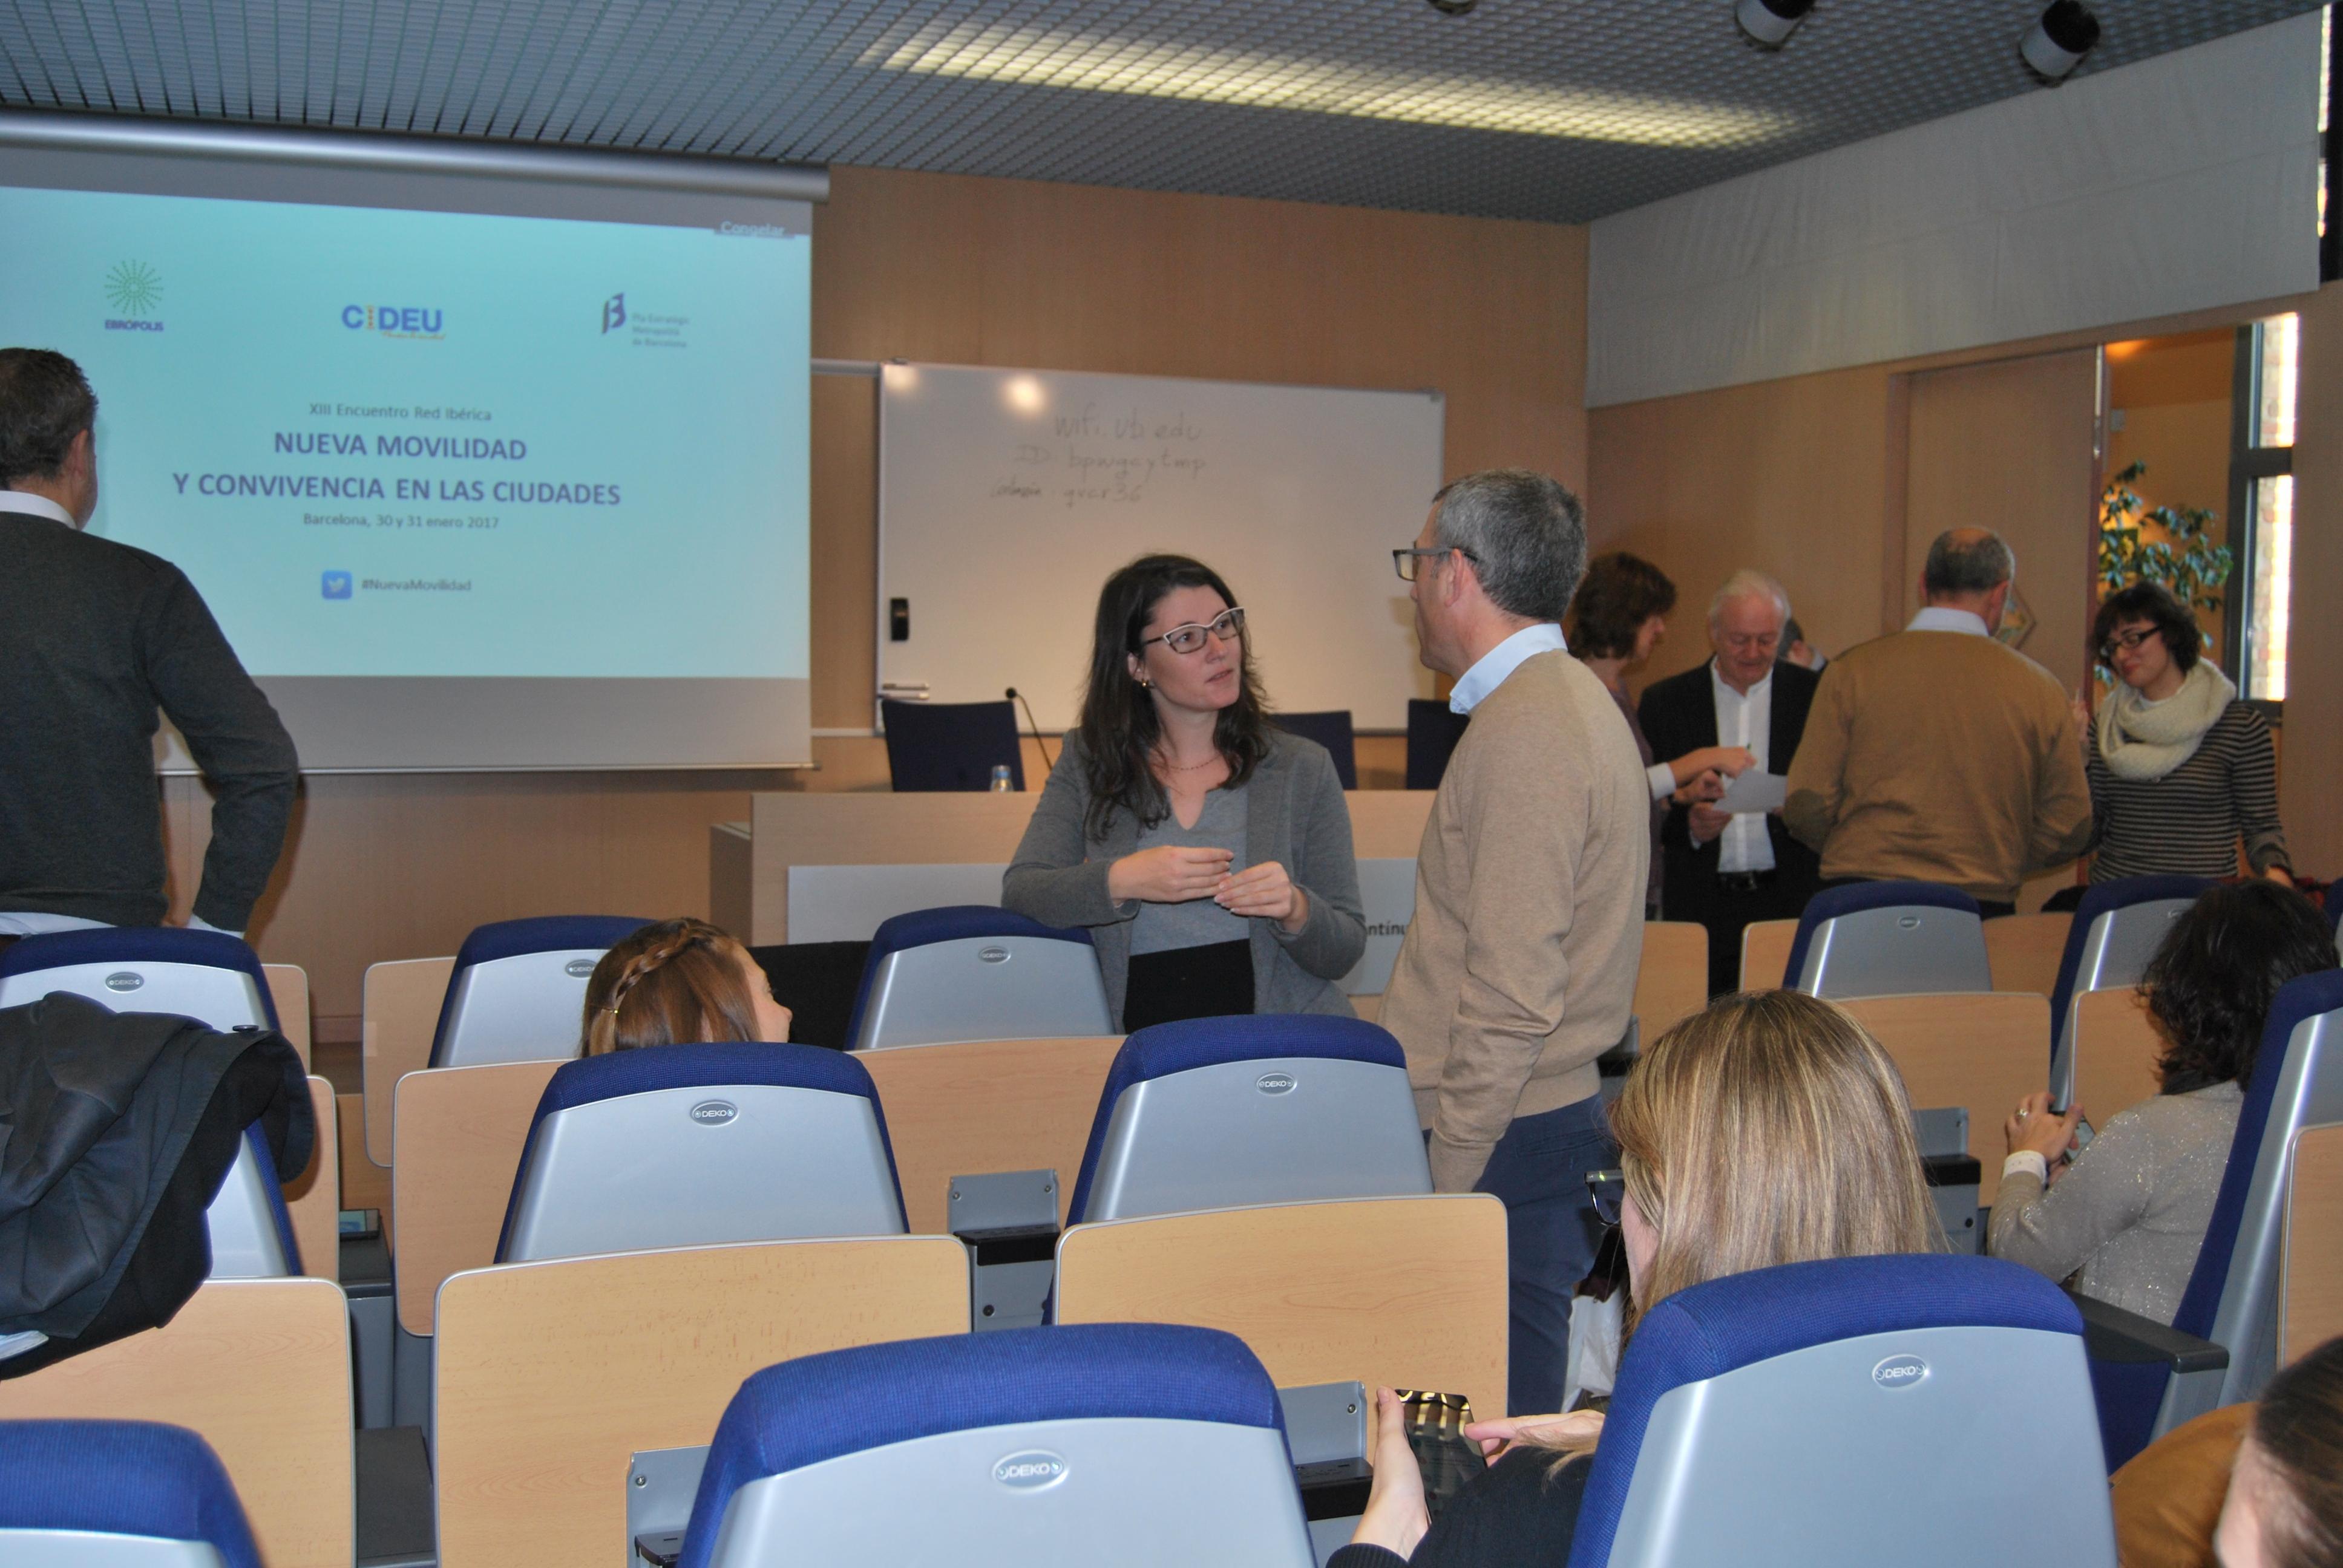 2ª Jornada XIII Reunió de la Xarxa Ibèrica del CIDEU